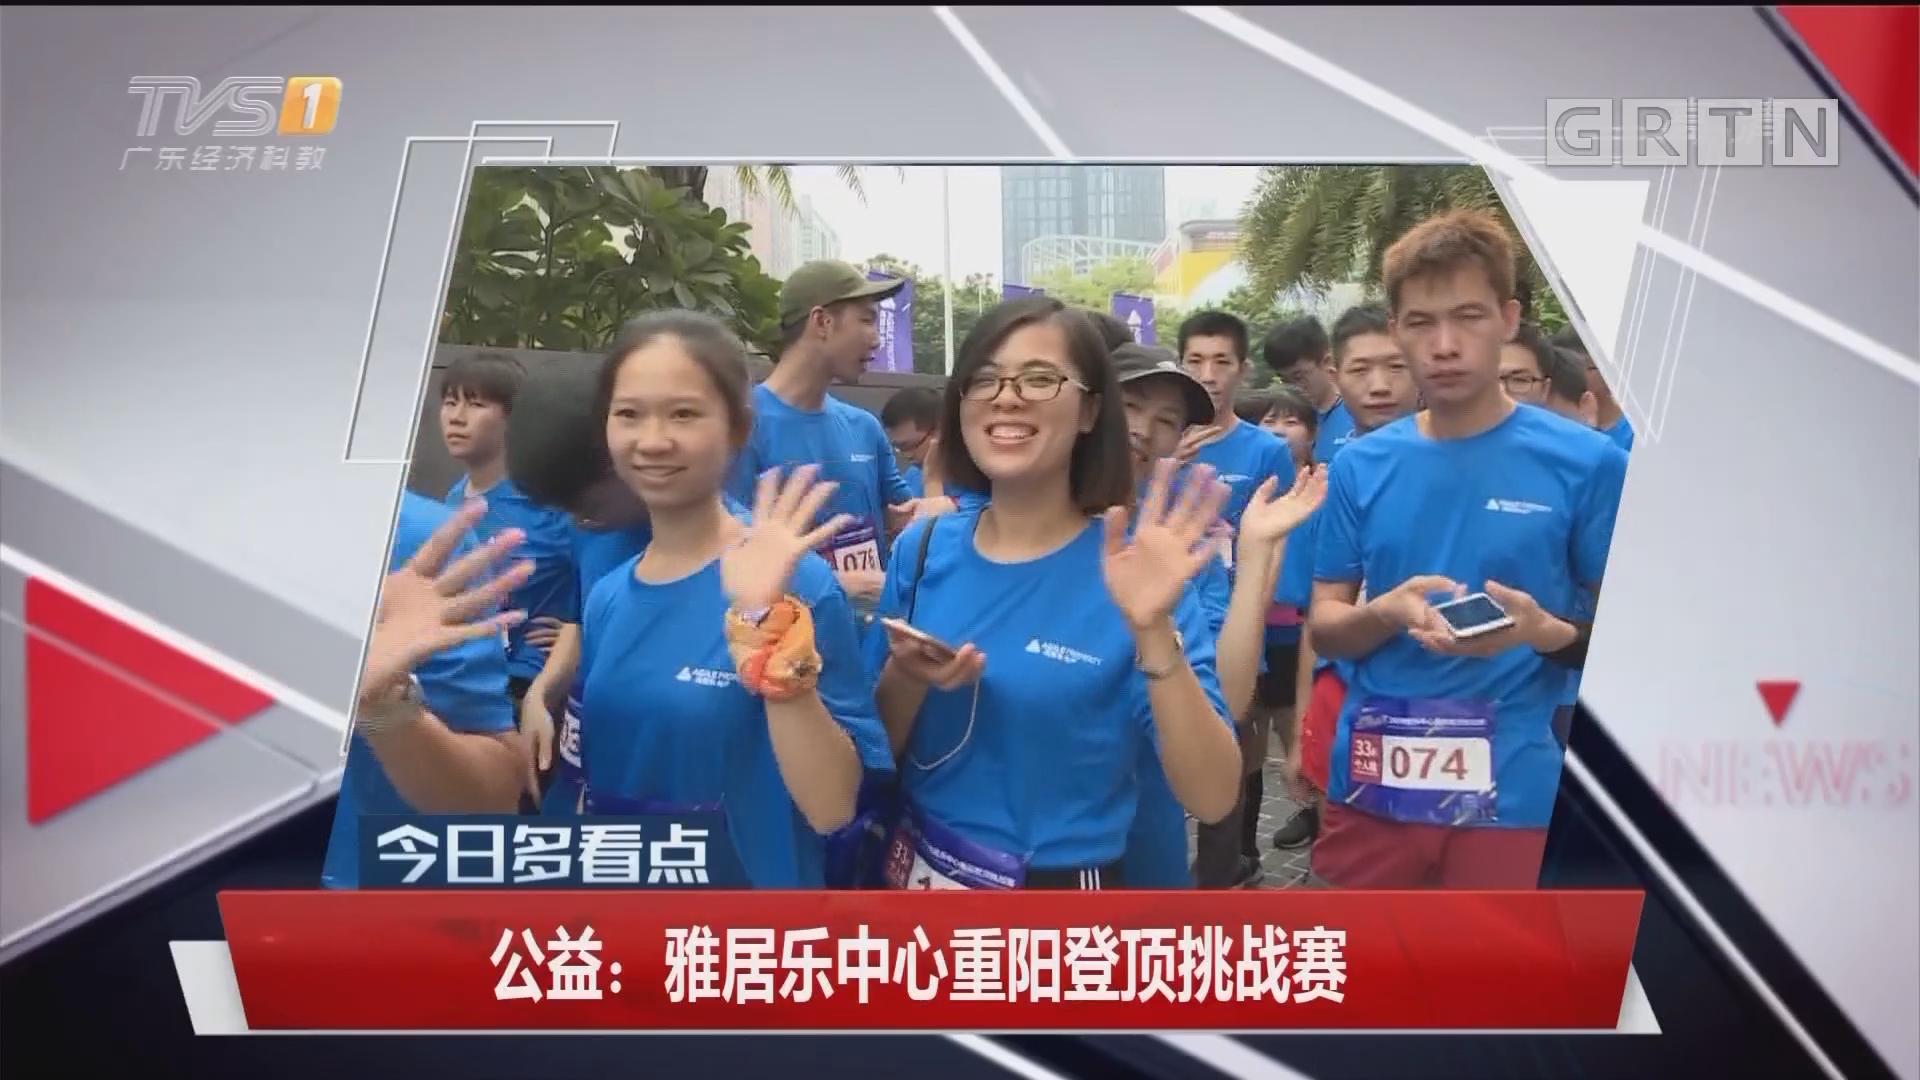 公益:雅居乐中心重阳登顶挑战赛